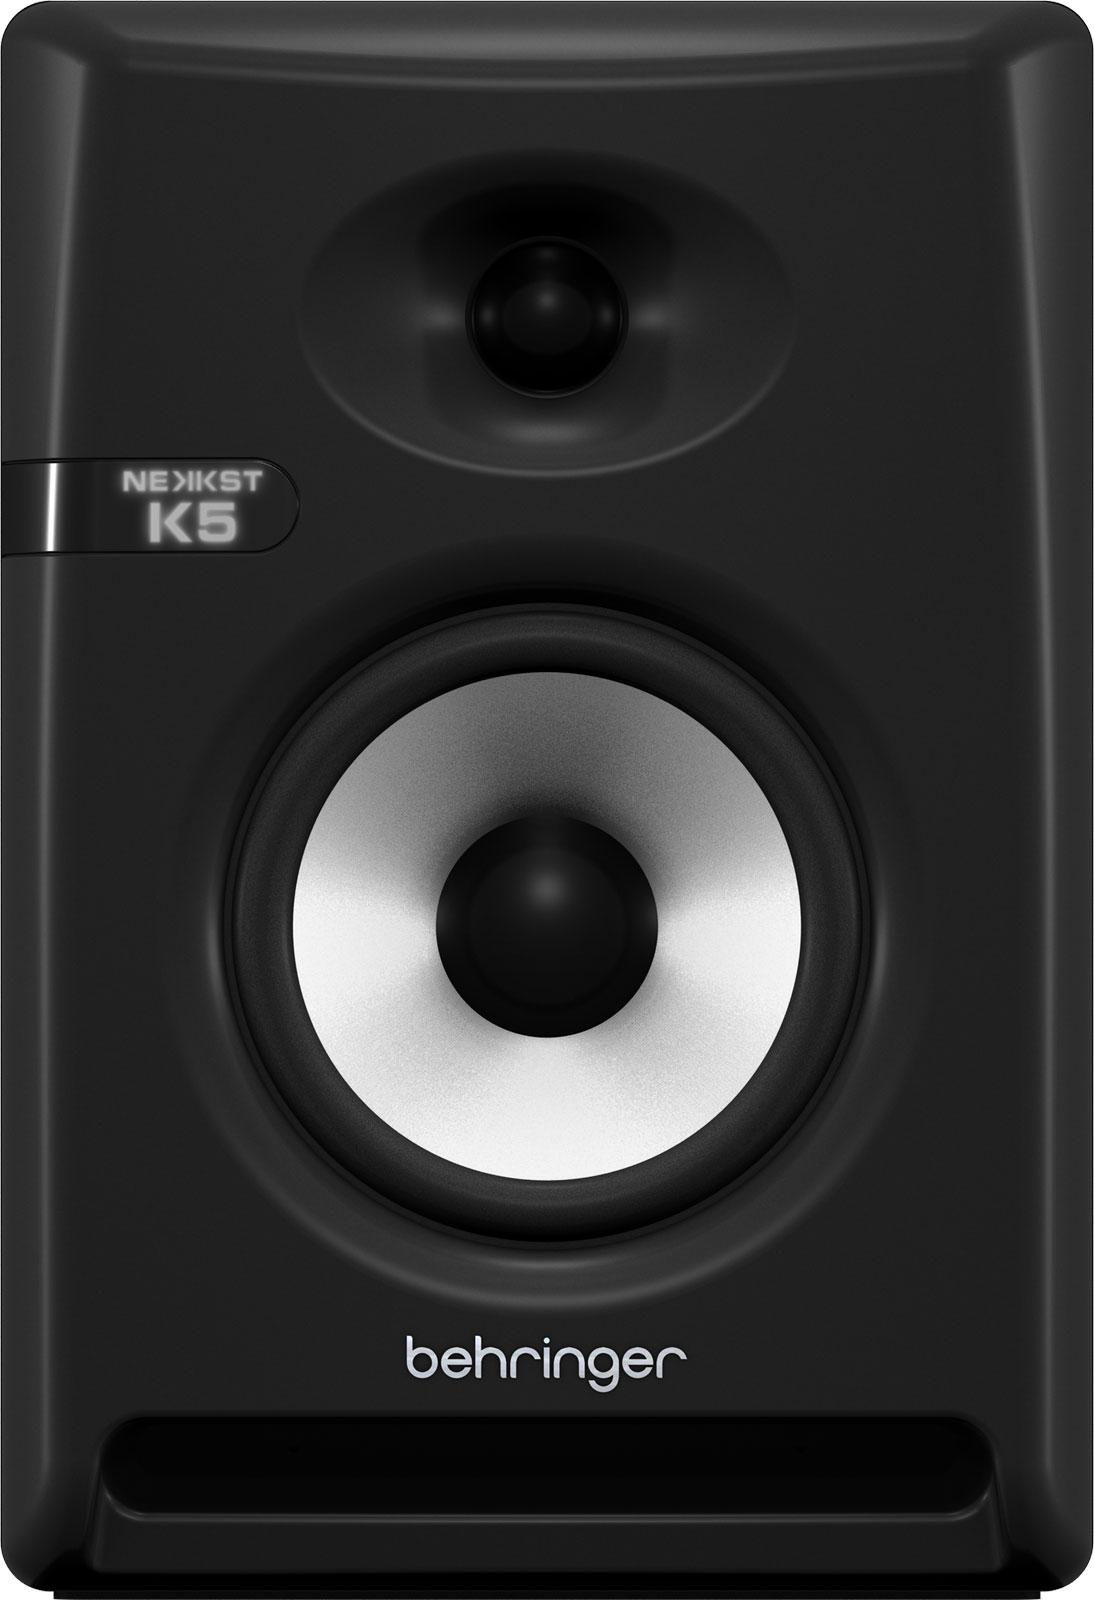 Behringer Nekkst K5 - La Piece